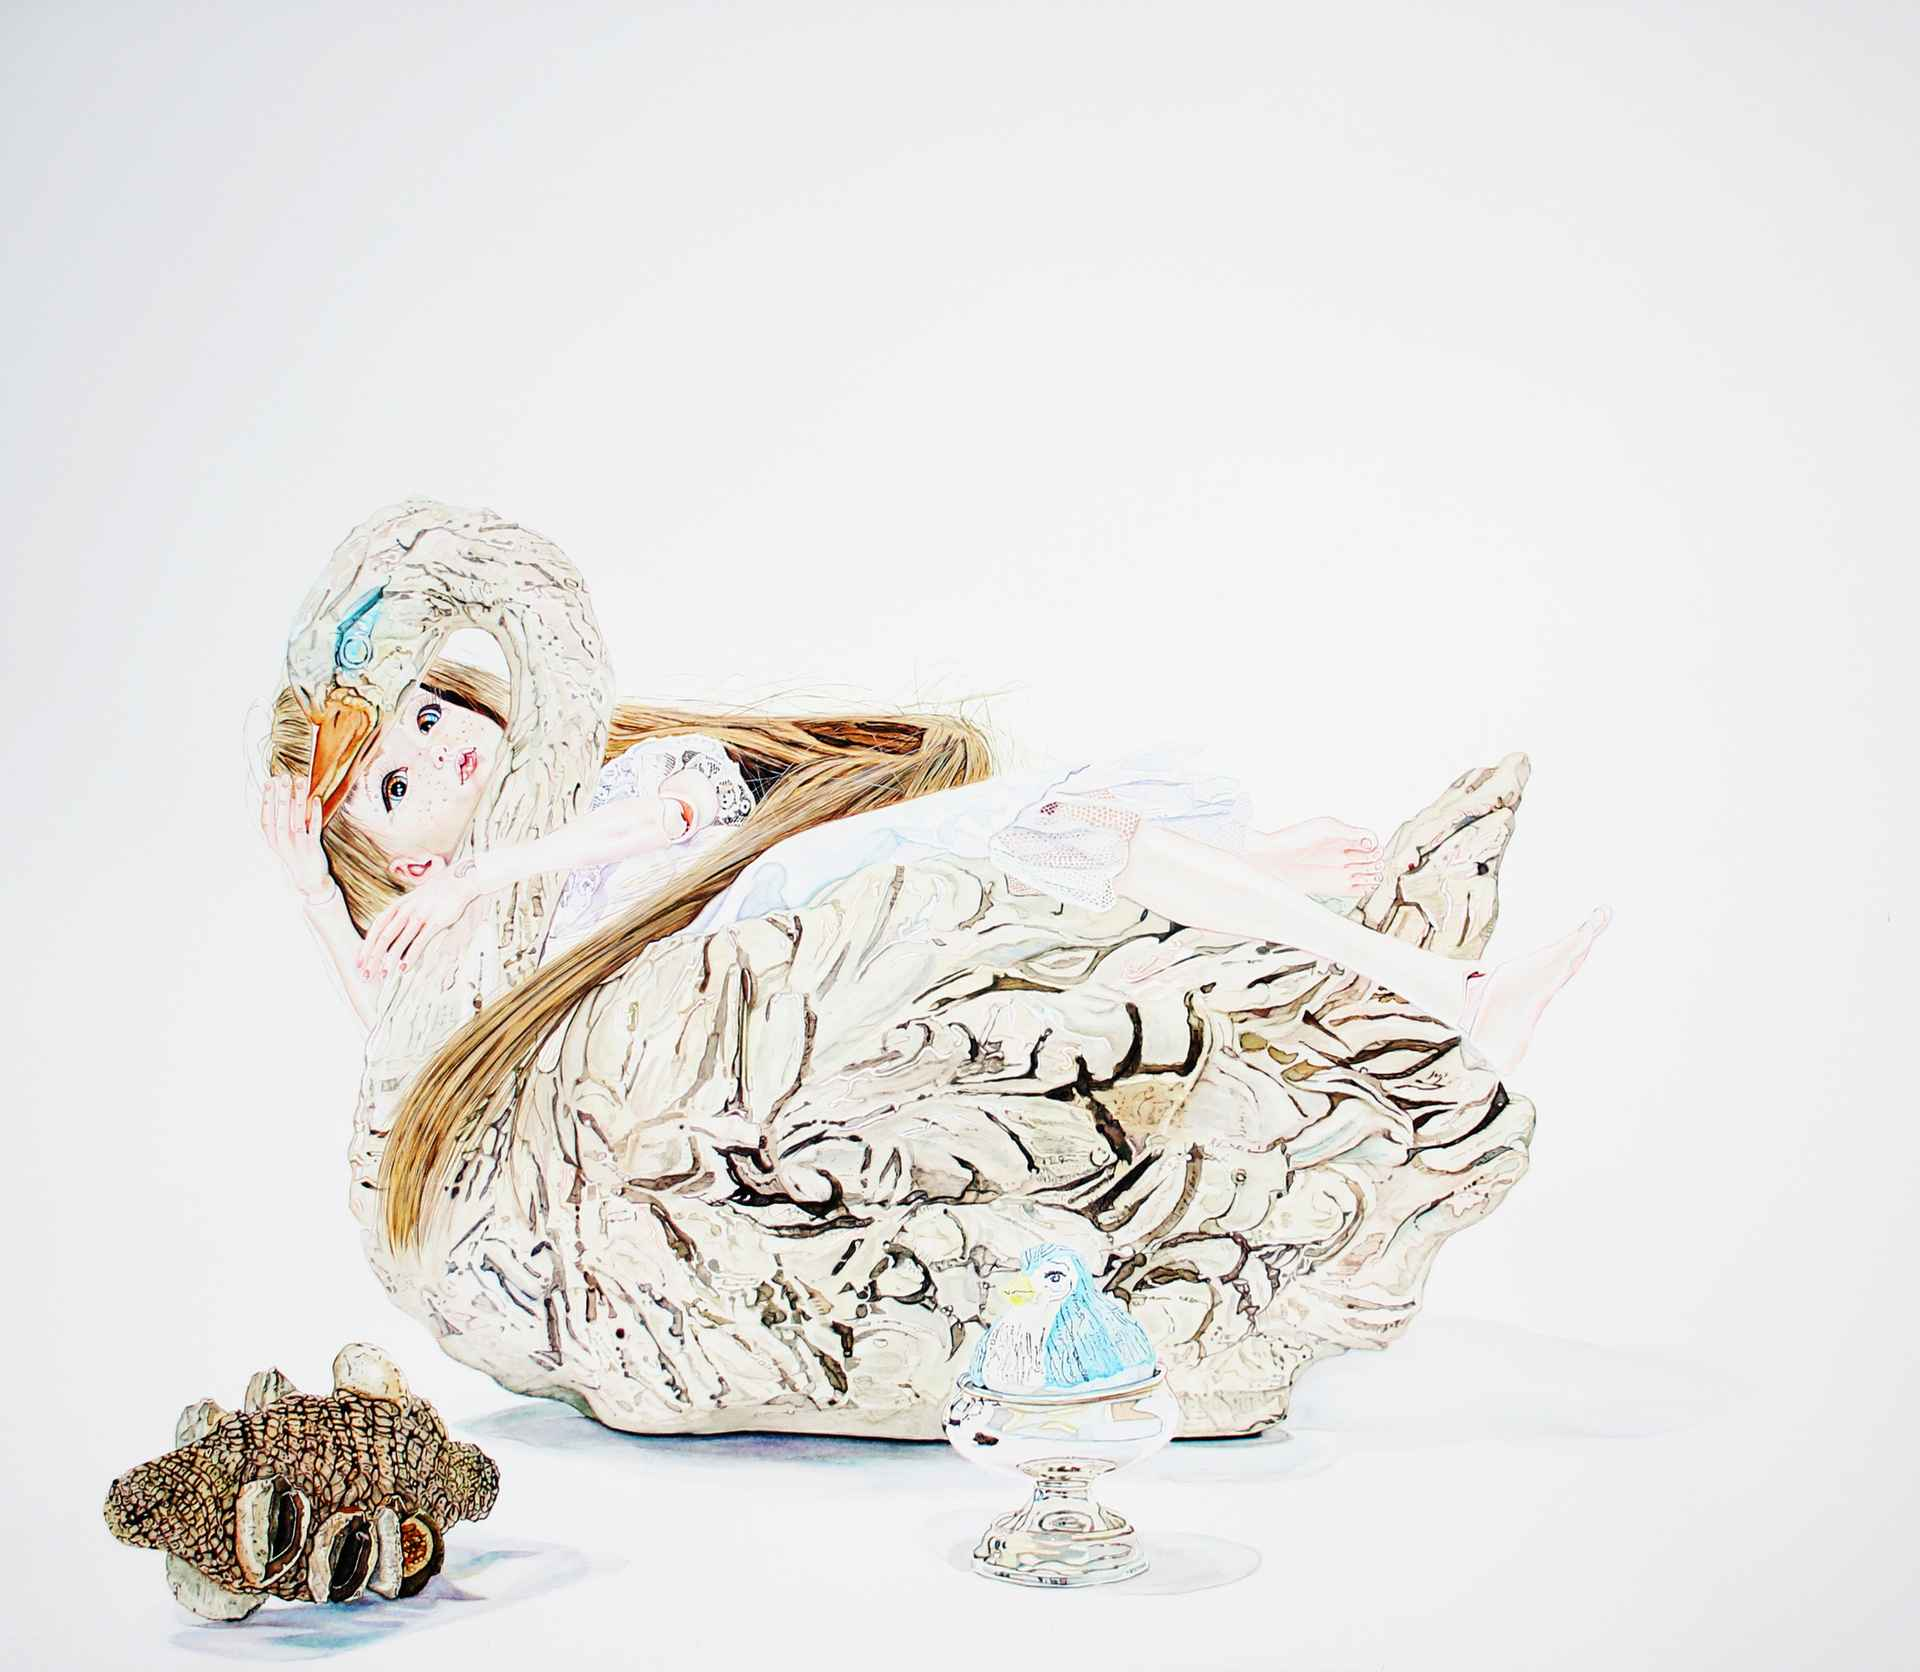 Leda and the Swan by David Hancock